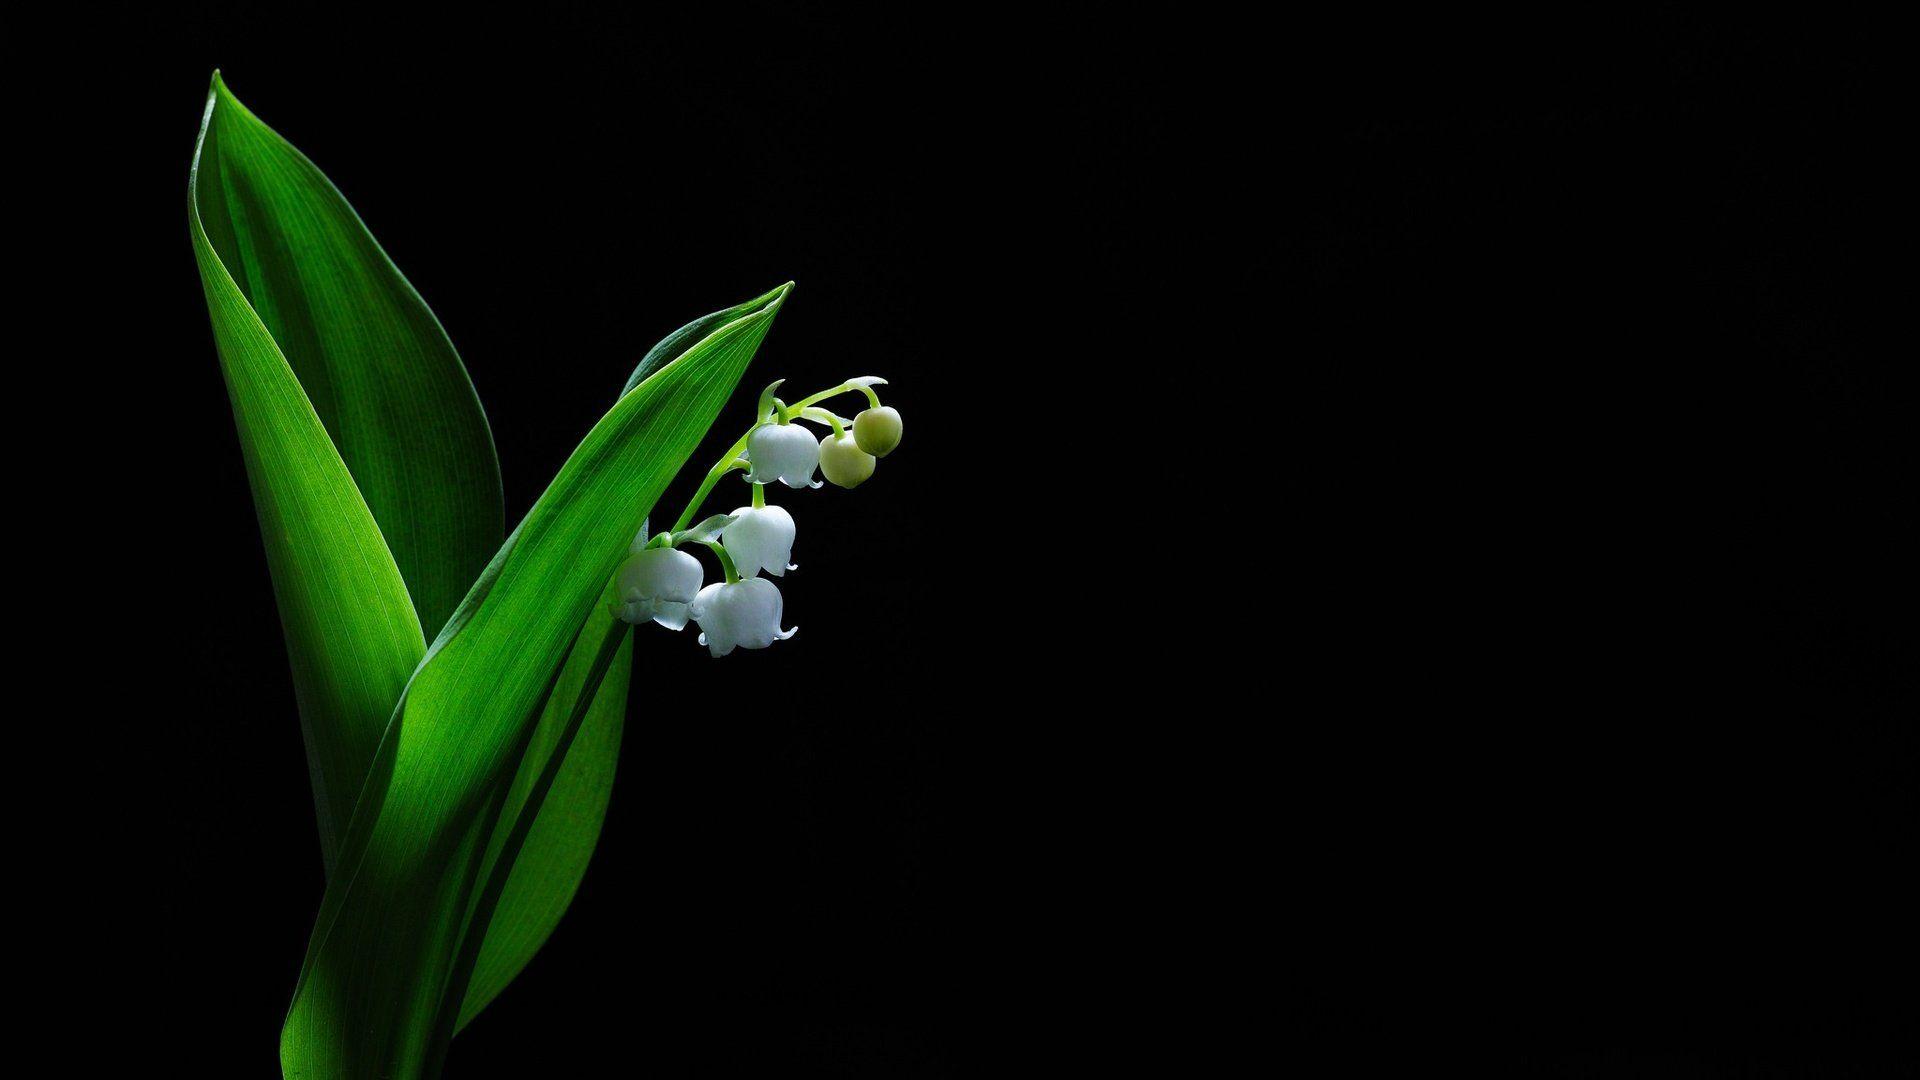 Muguet Flower Download Wallpaper